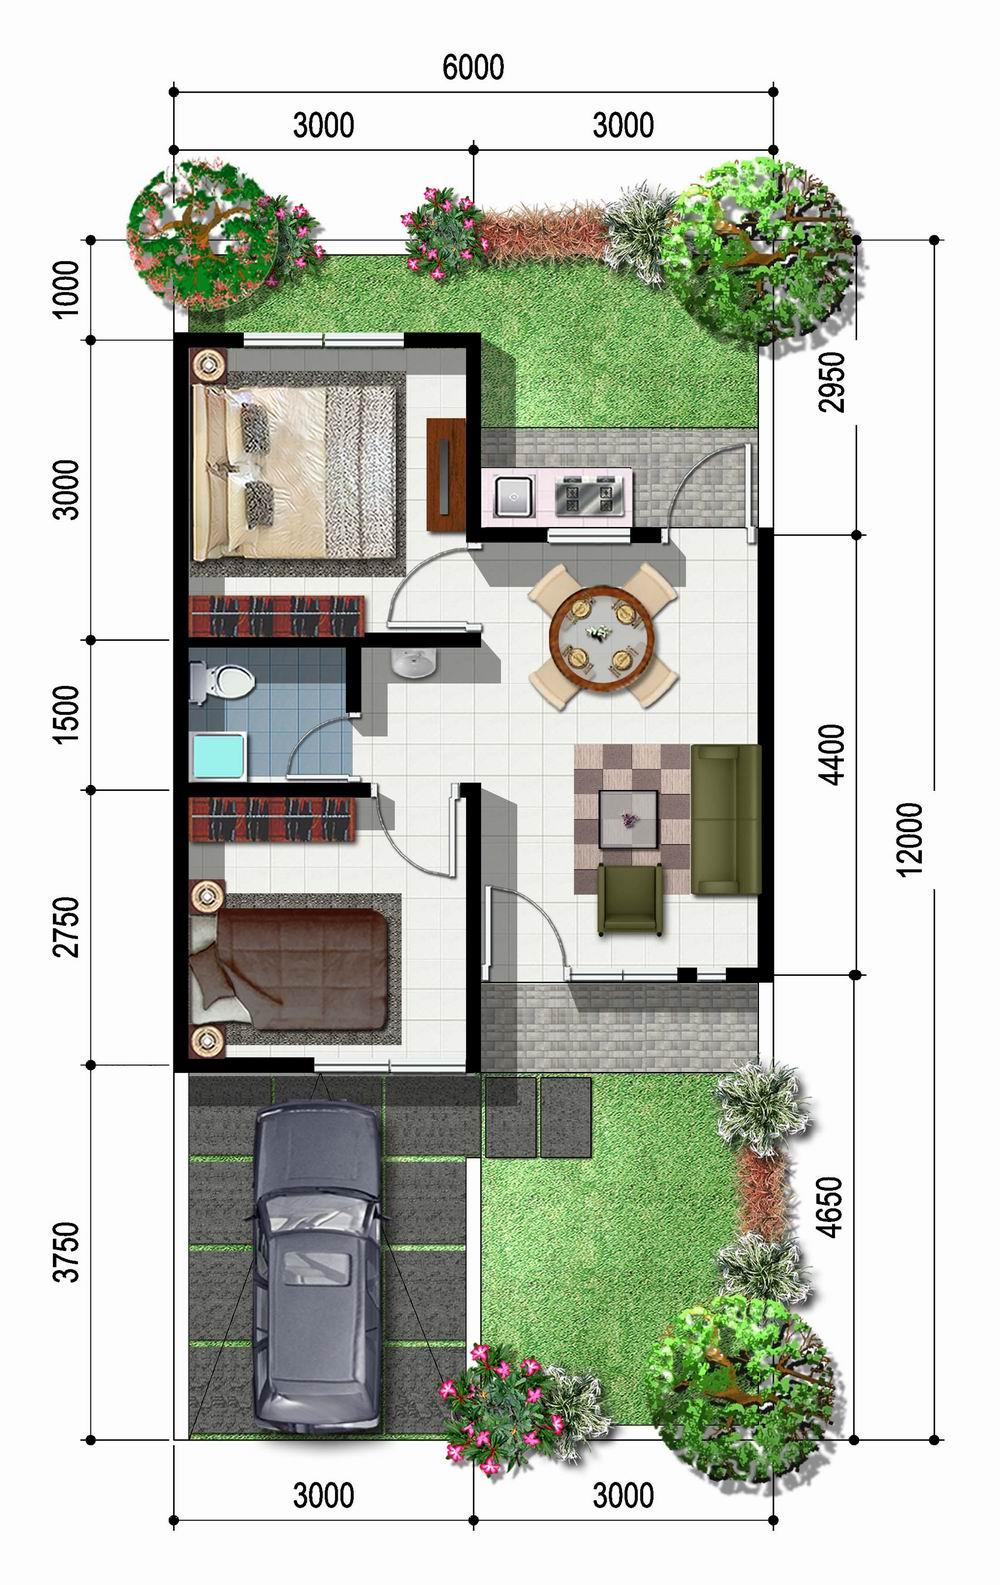 33 Denah Rumah Sederhana 1 Lantai 2 Kamar Tidur Rumahku Unik